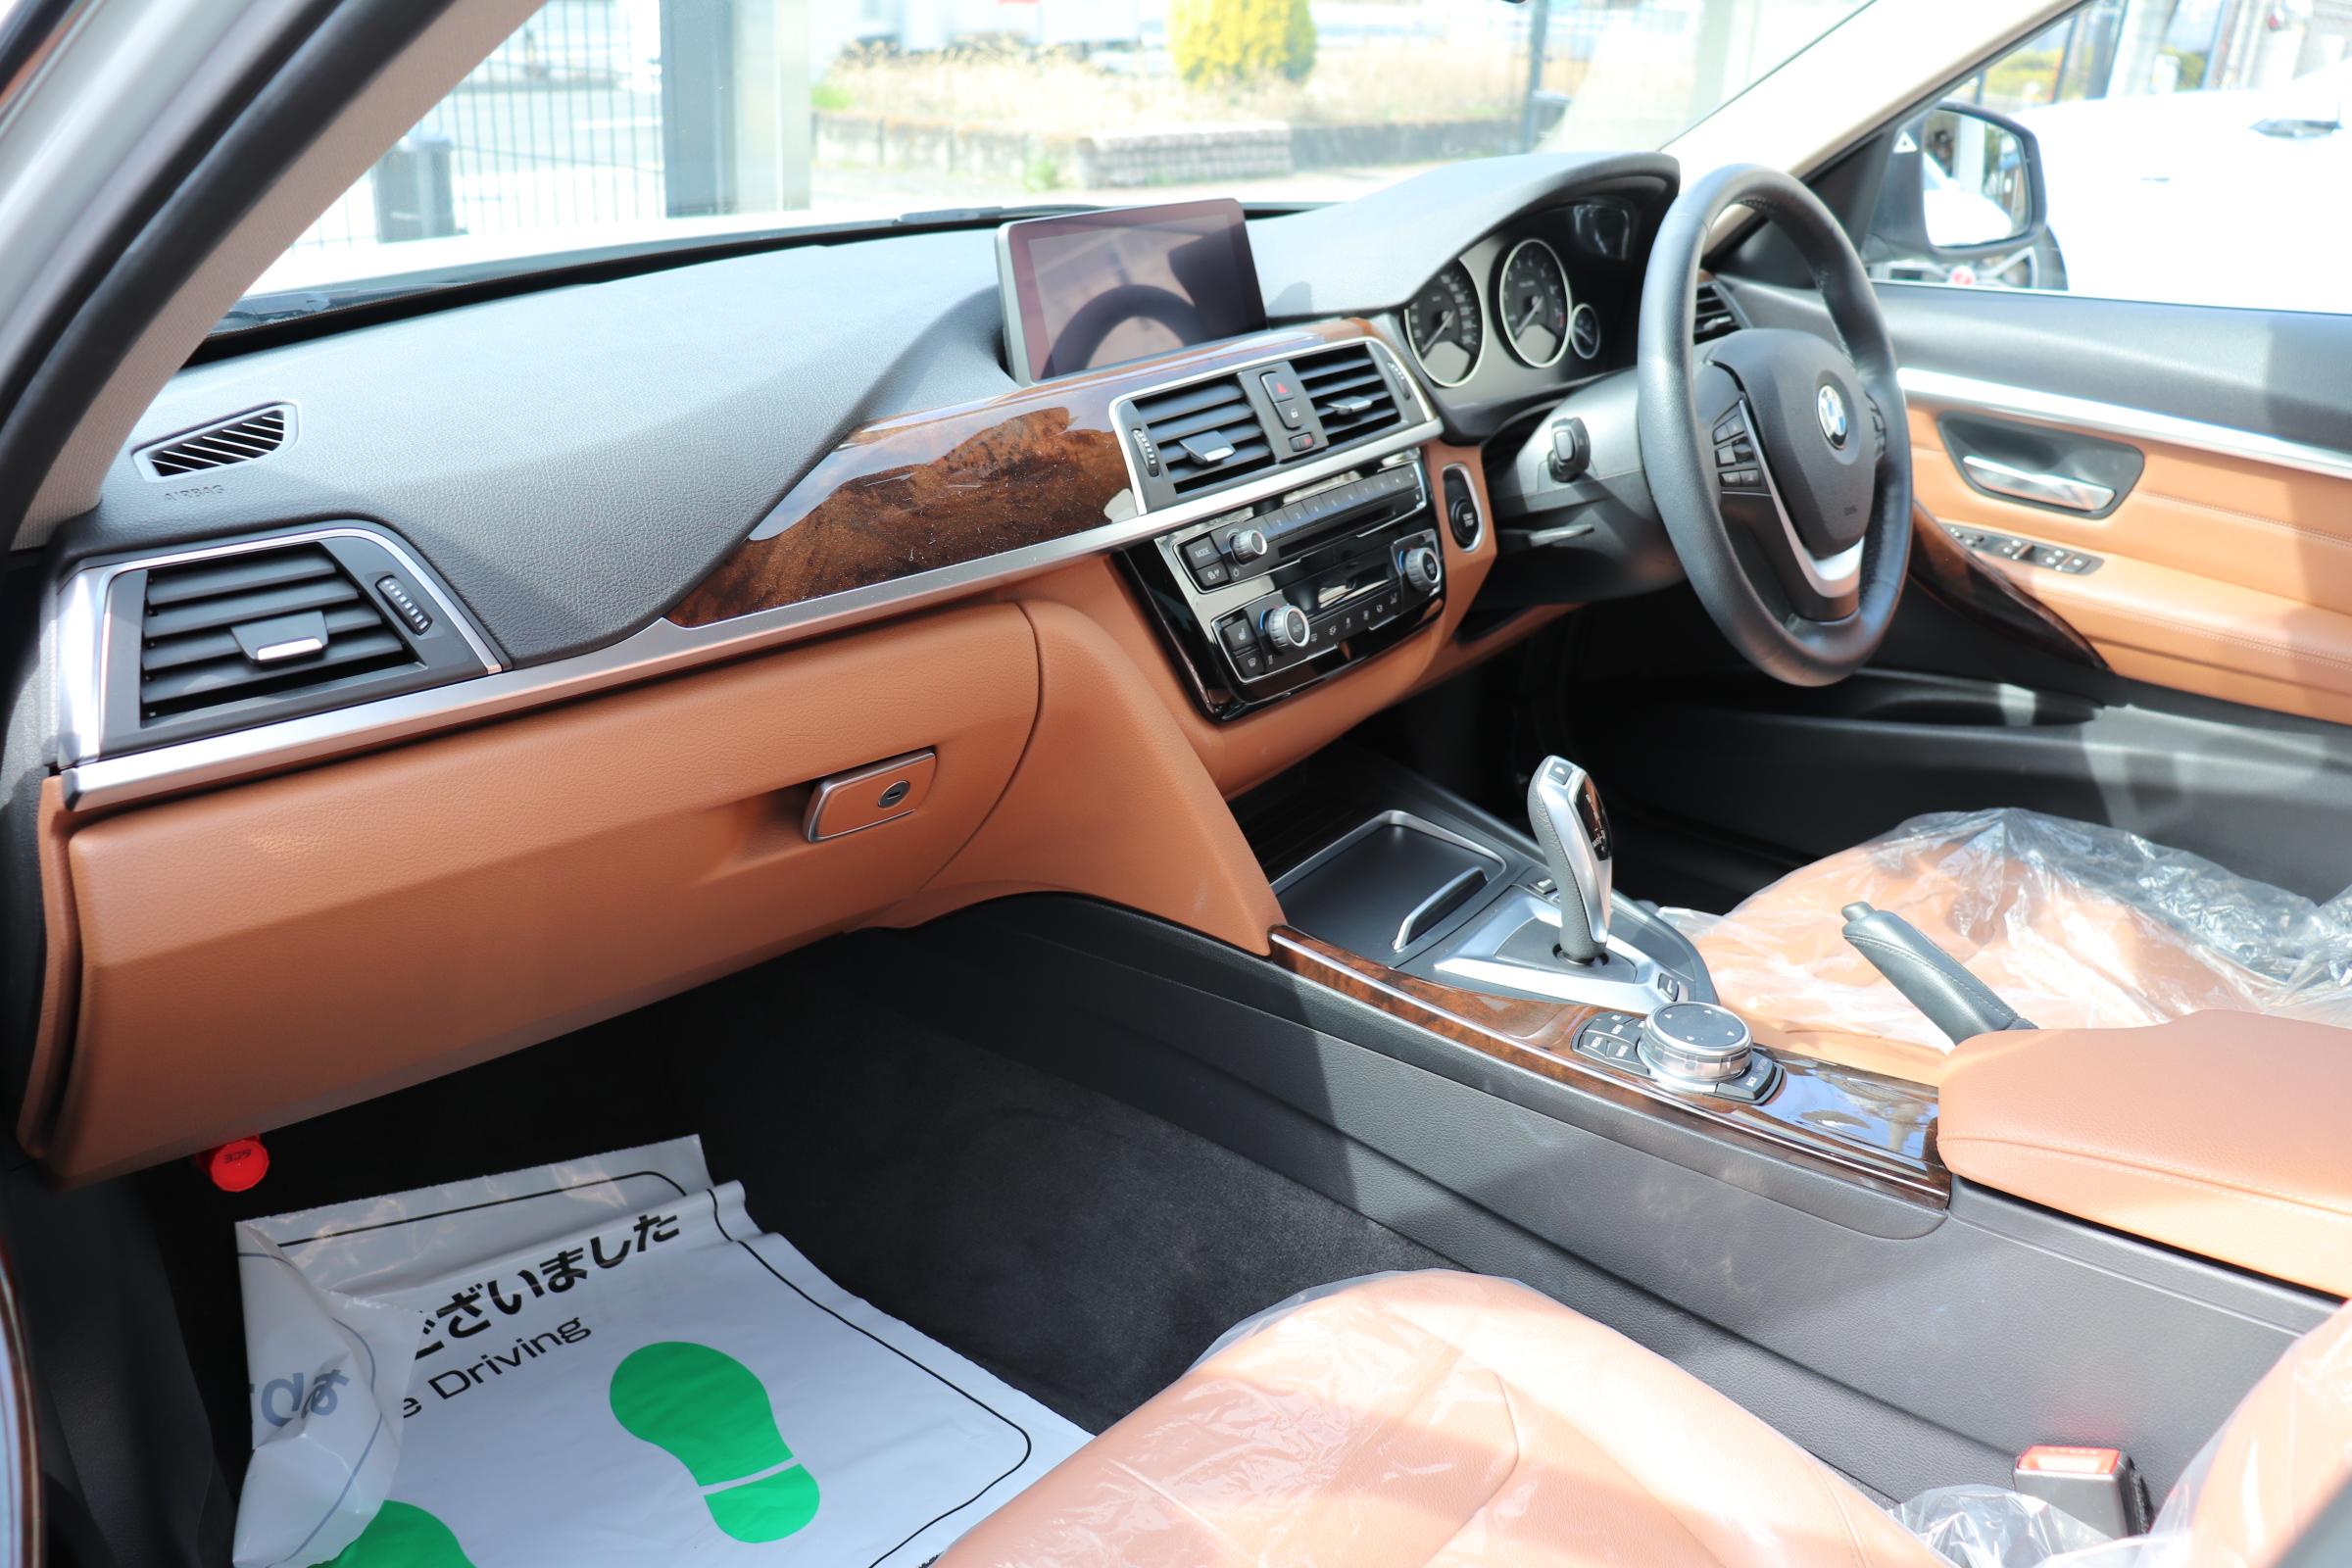 330eラグジュアリー BEAMコンプリートカー ブラウンレザーシート シートヒーター車両画像13